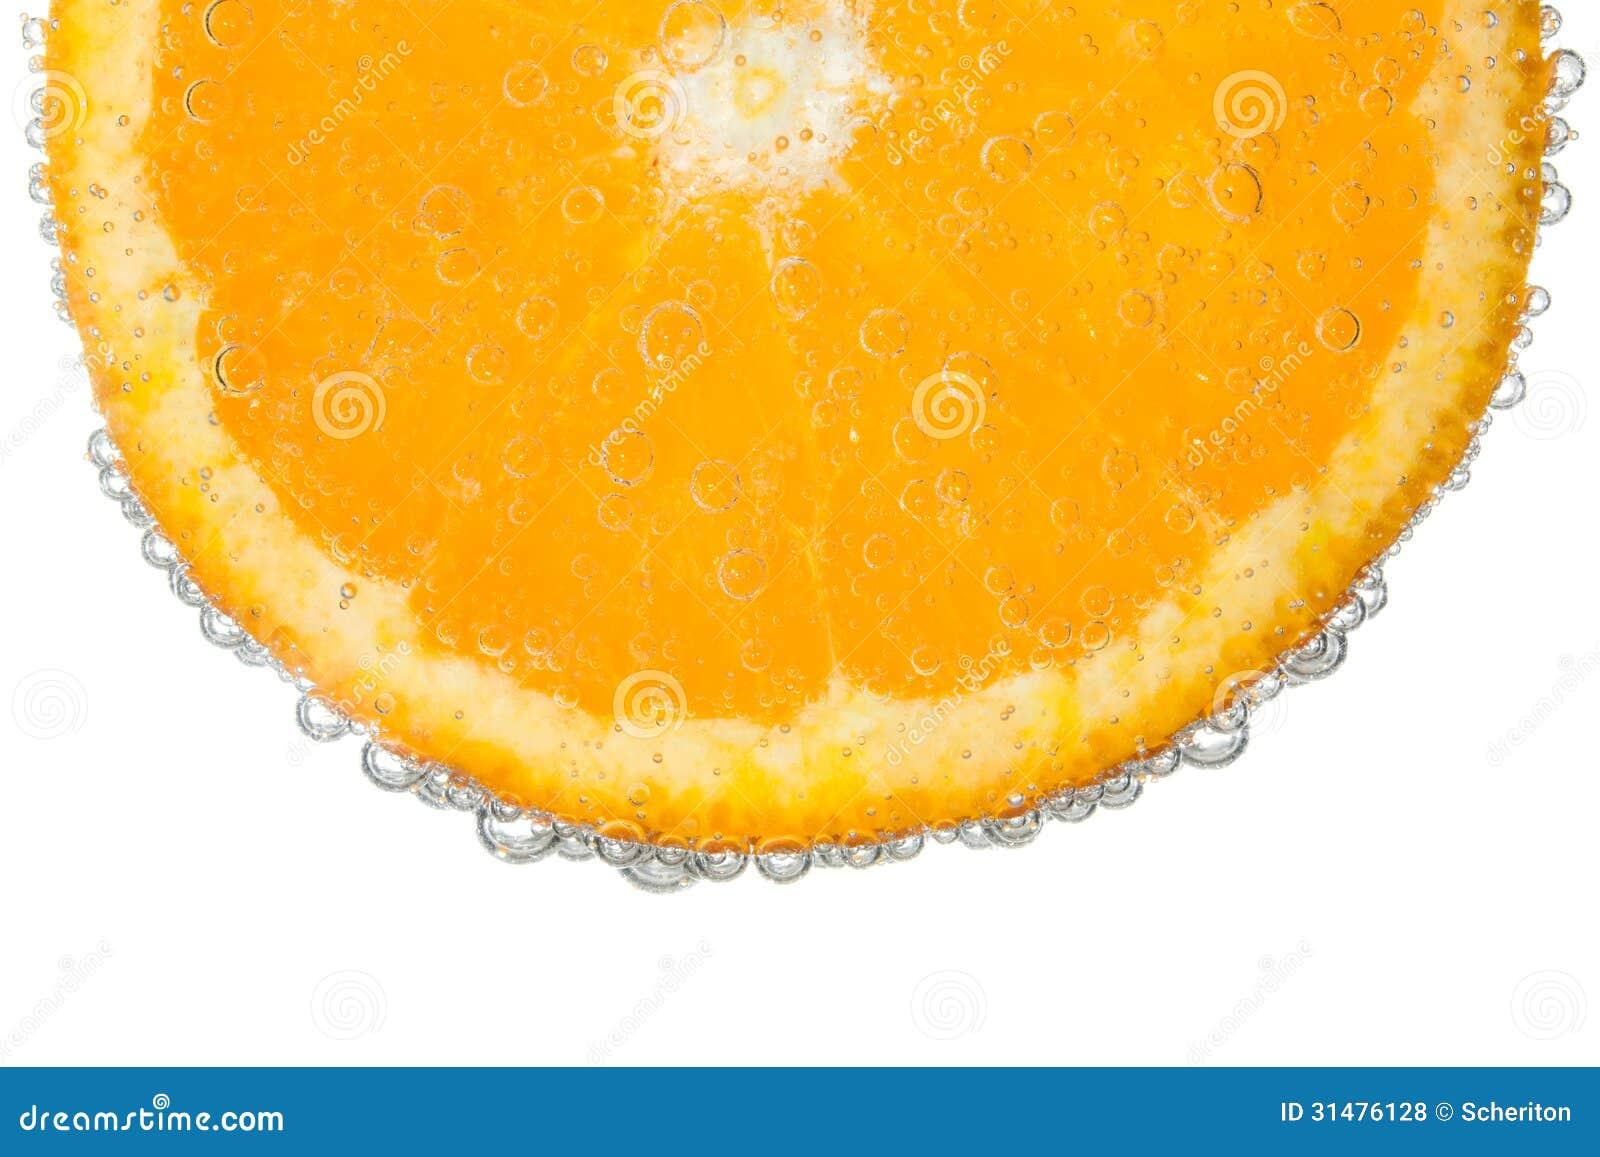 橙色切片在清楚的泡沫腾涌的水泡影背景中